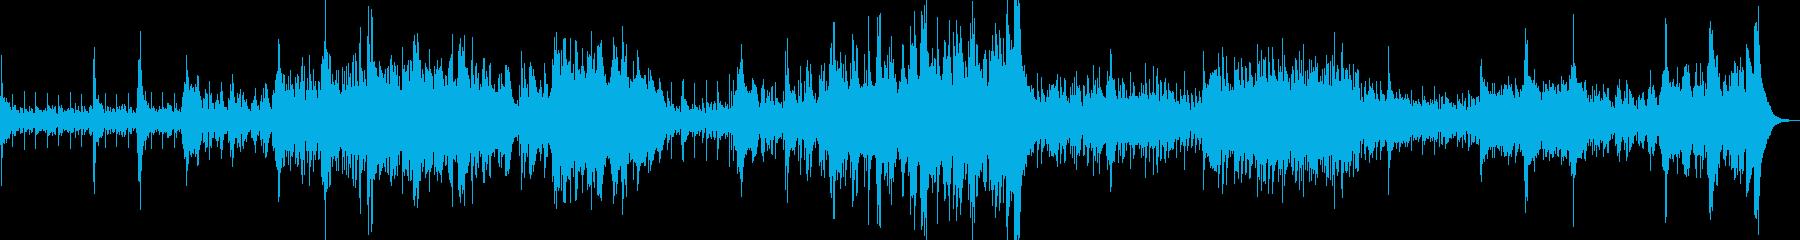 「風」を表現した疾走感あるオーケストラの再生済みの波形